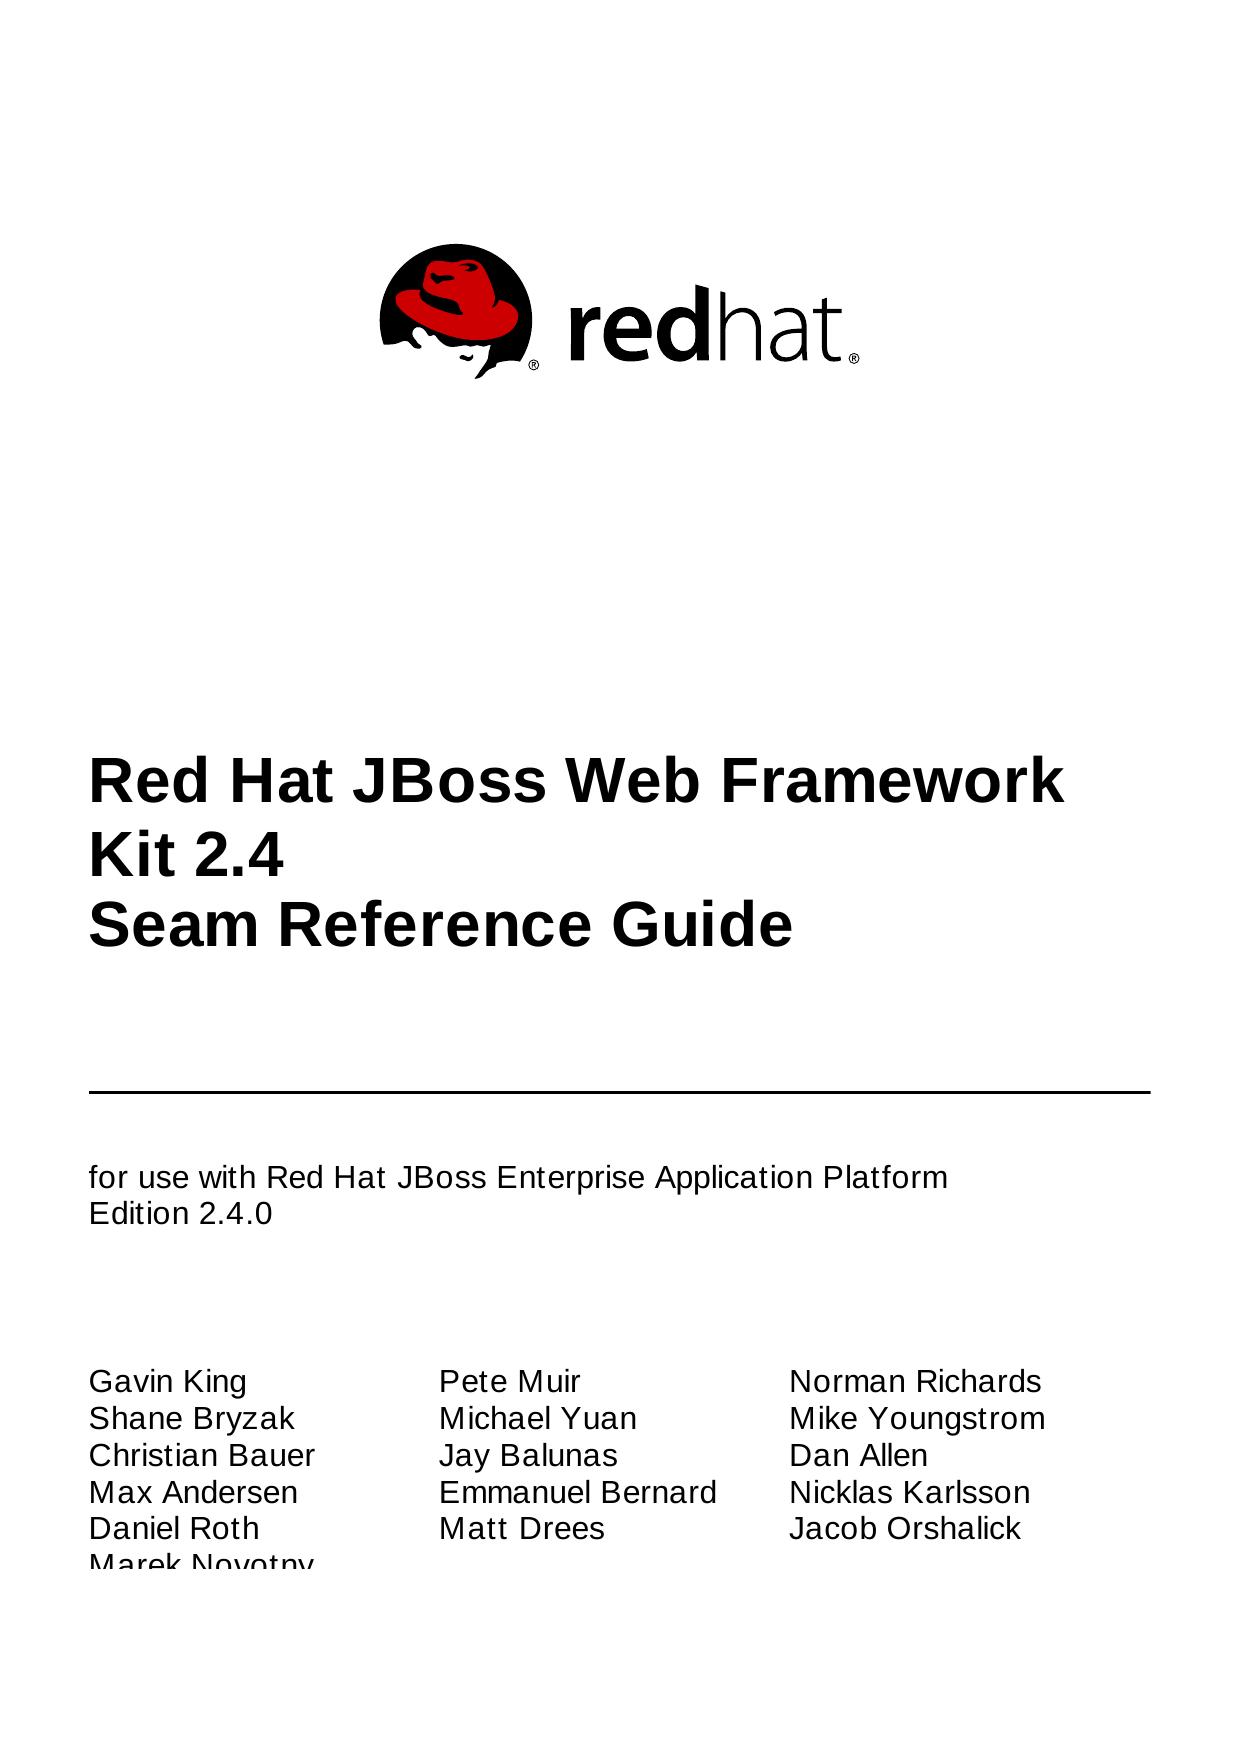 Red Hat JBoss Web Framework Kit 2 4 Seam Reference Guide